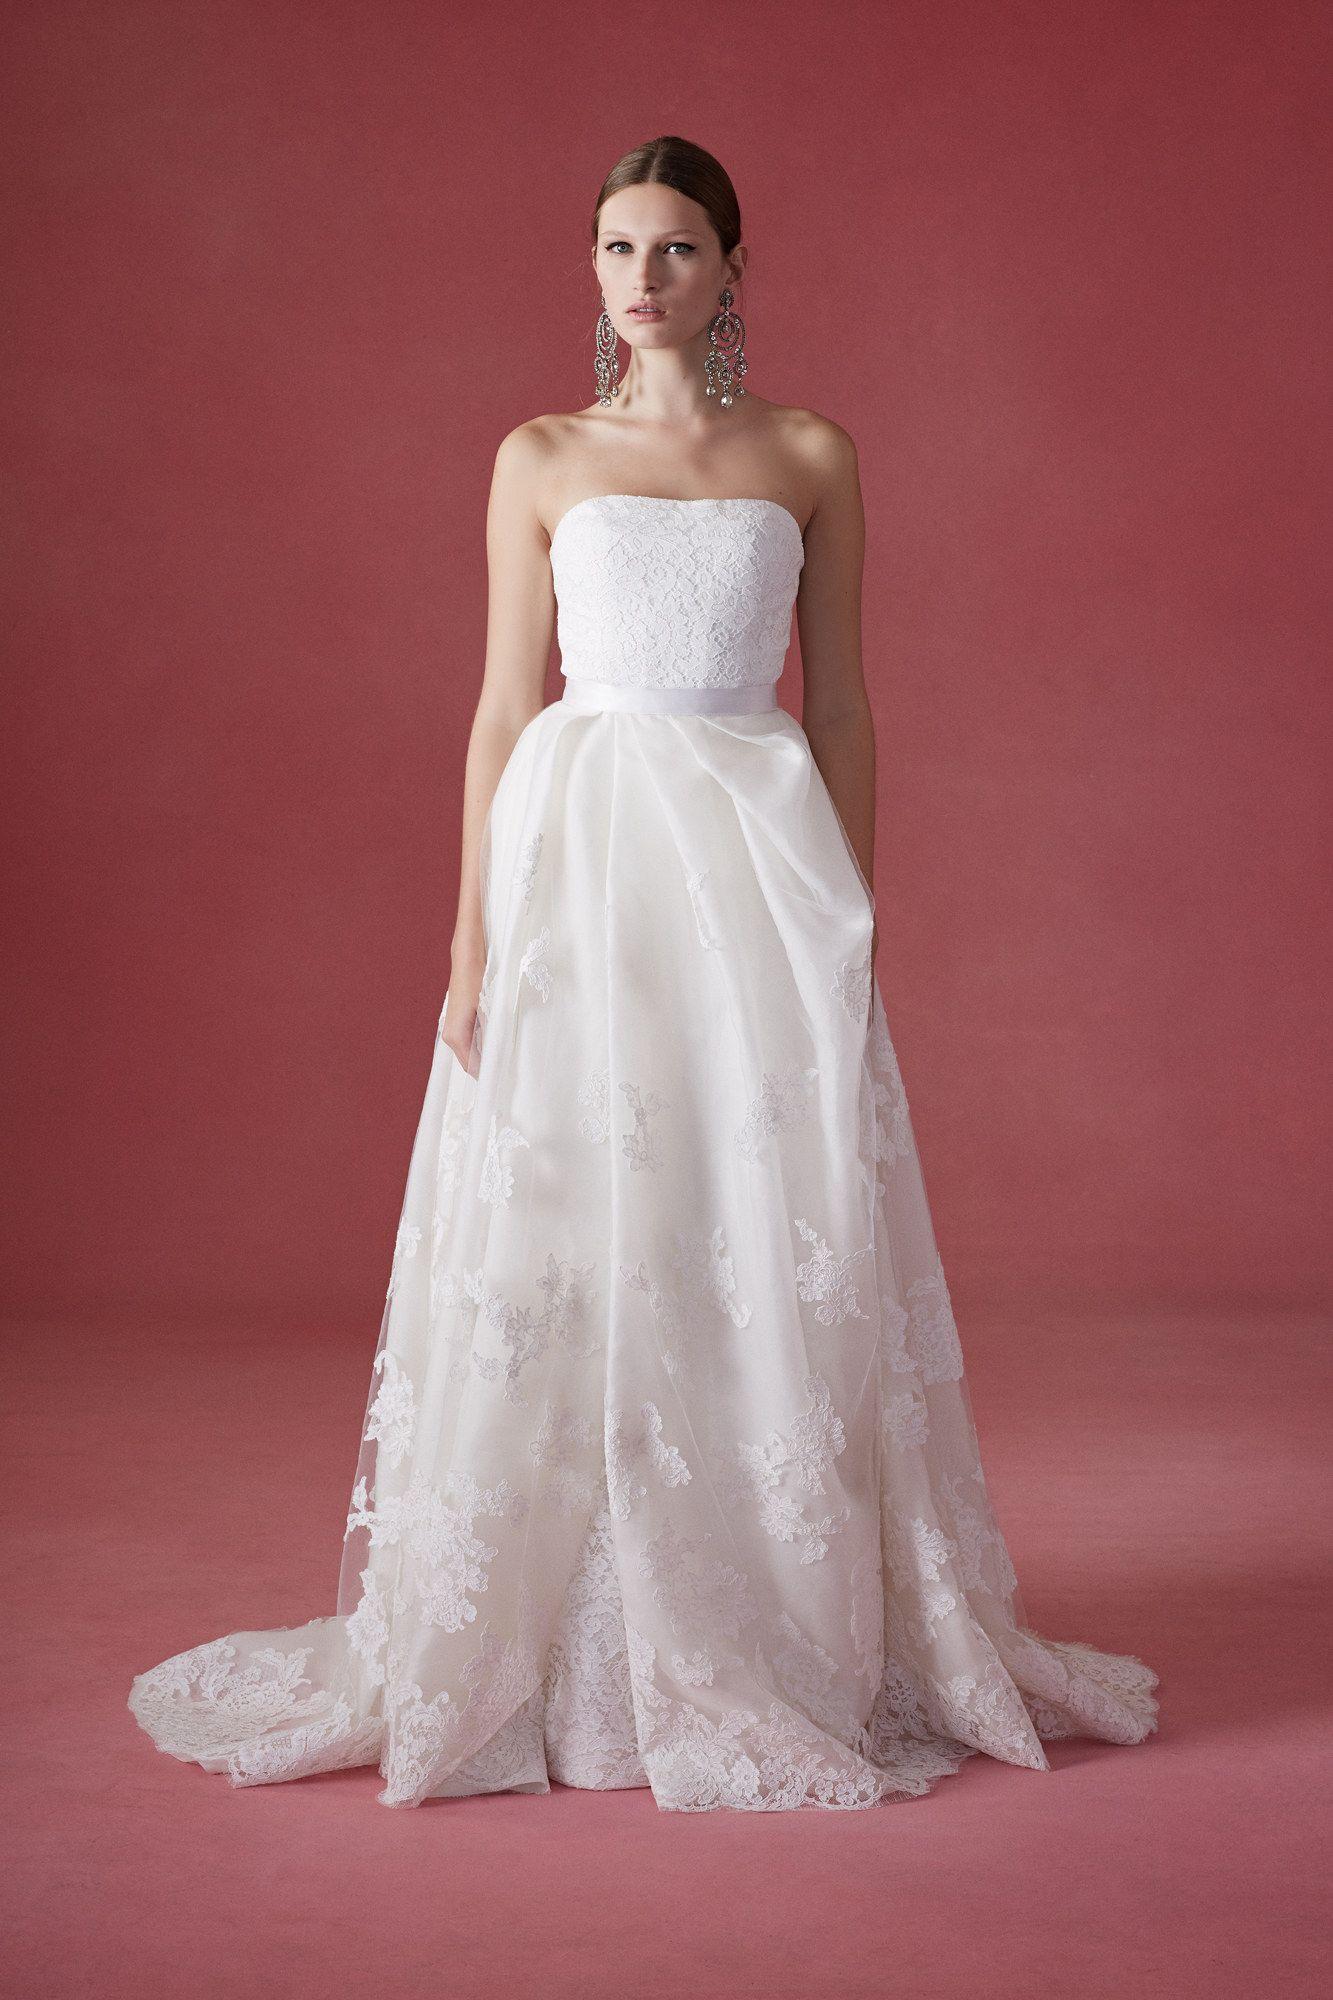 Fashion dress for wedding party  Oscar de la Renta Bridal Fall  Fashion Show